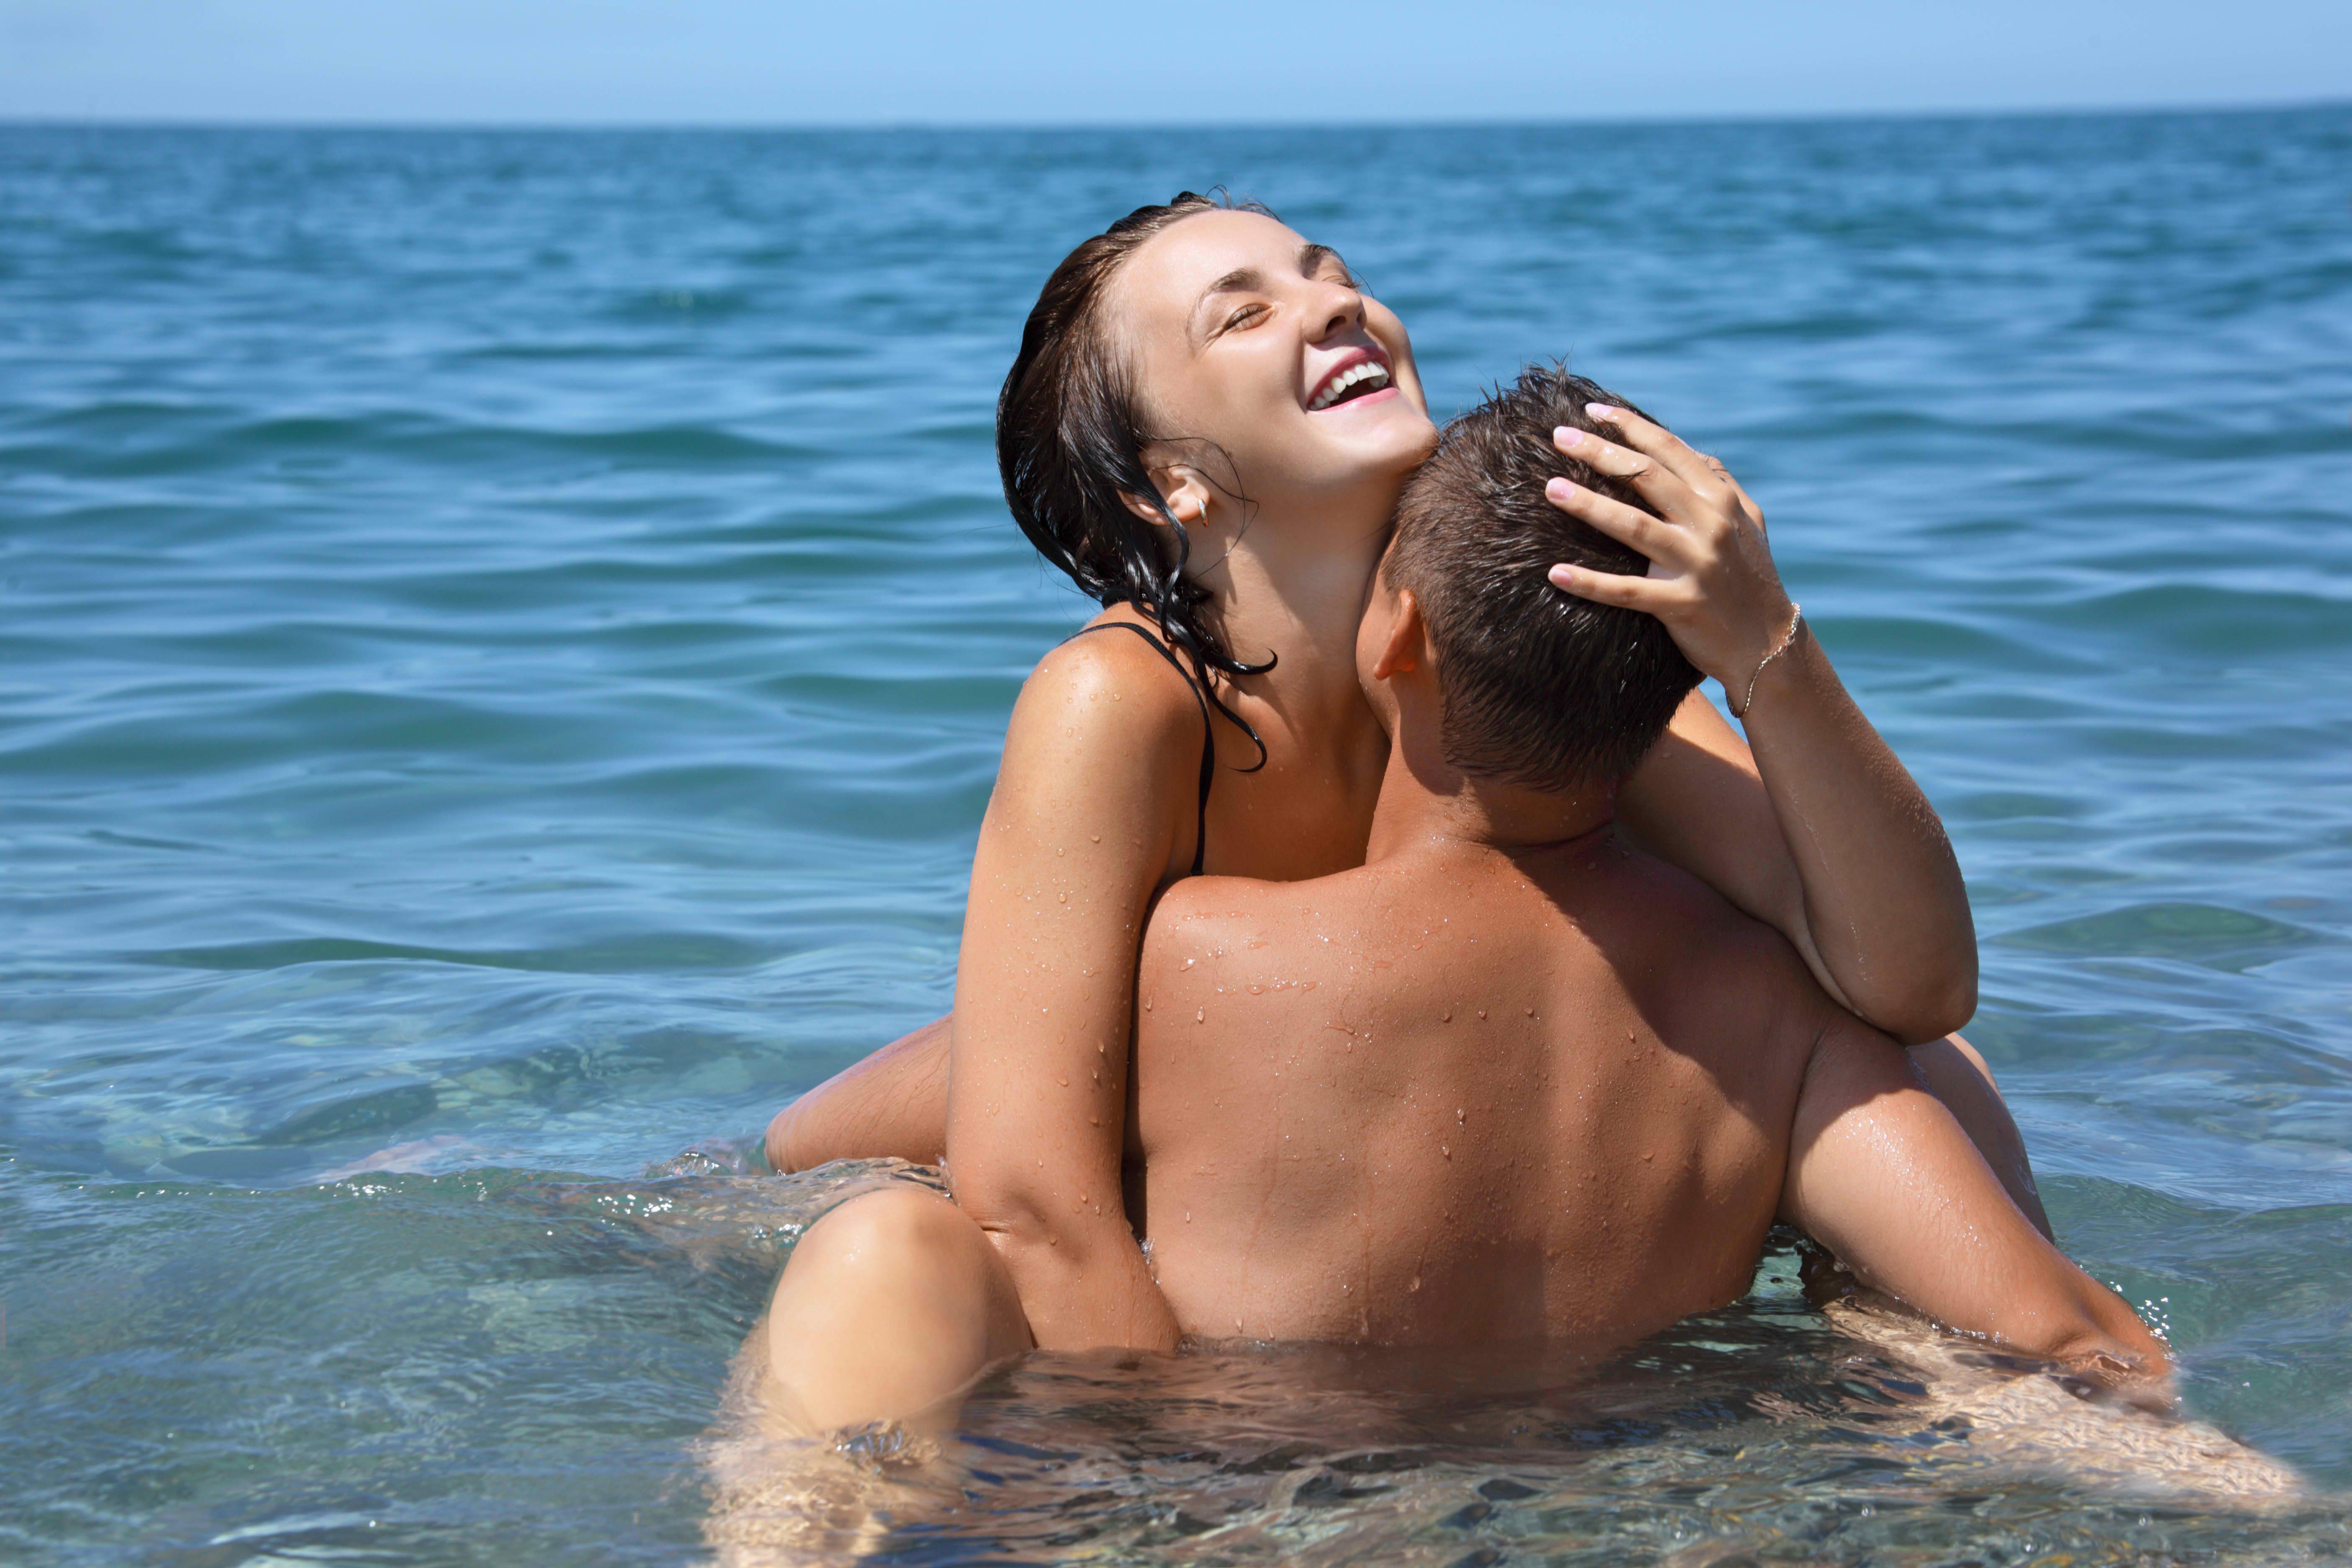 Страстный пляжный секс 5 фотография